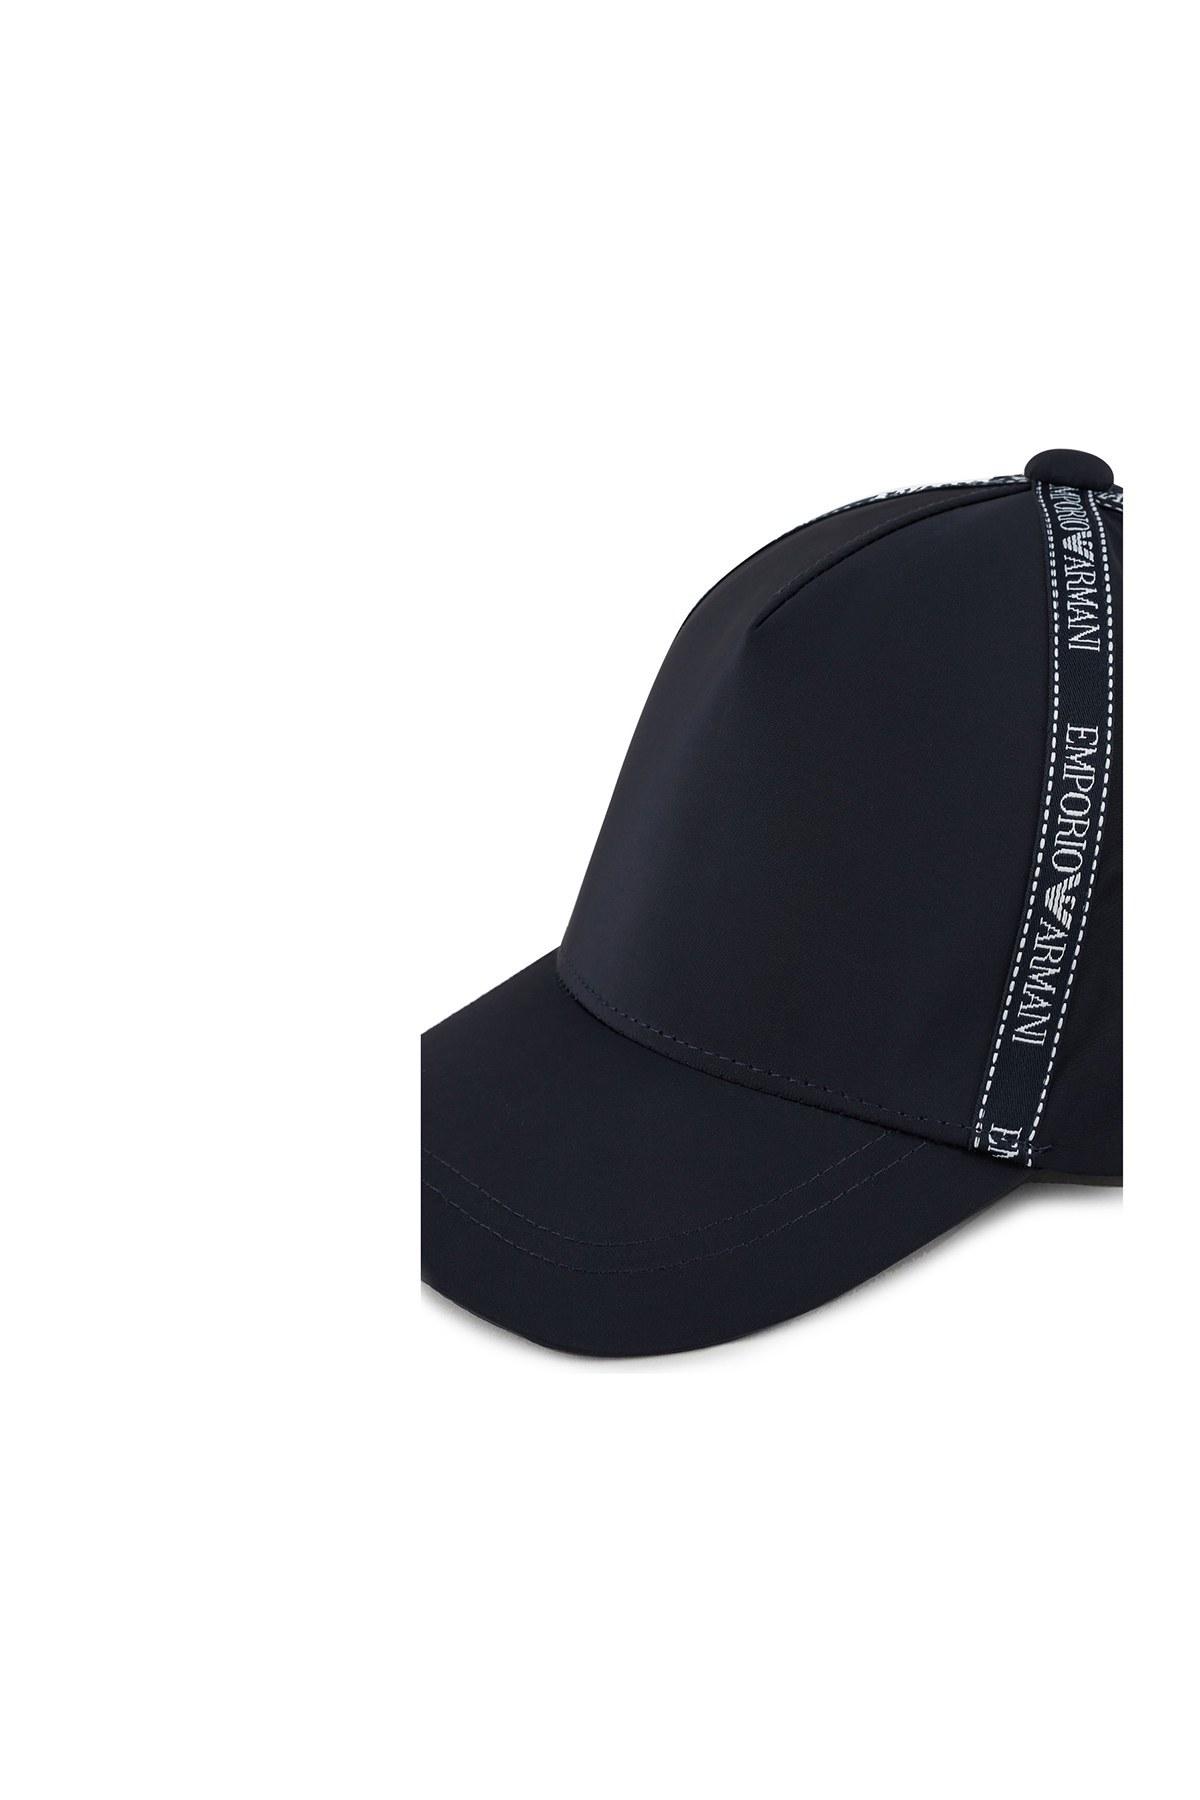 Emporio Armani Logo Baskılı Erkek Şapka 627503 0A522 00035 LACİVERT